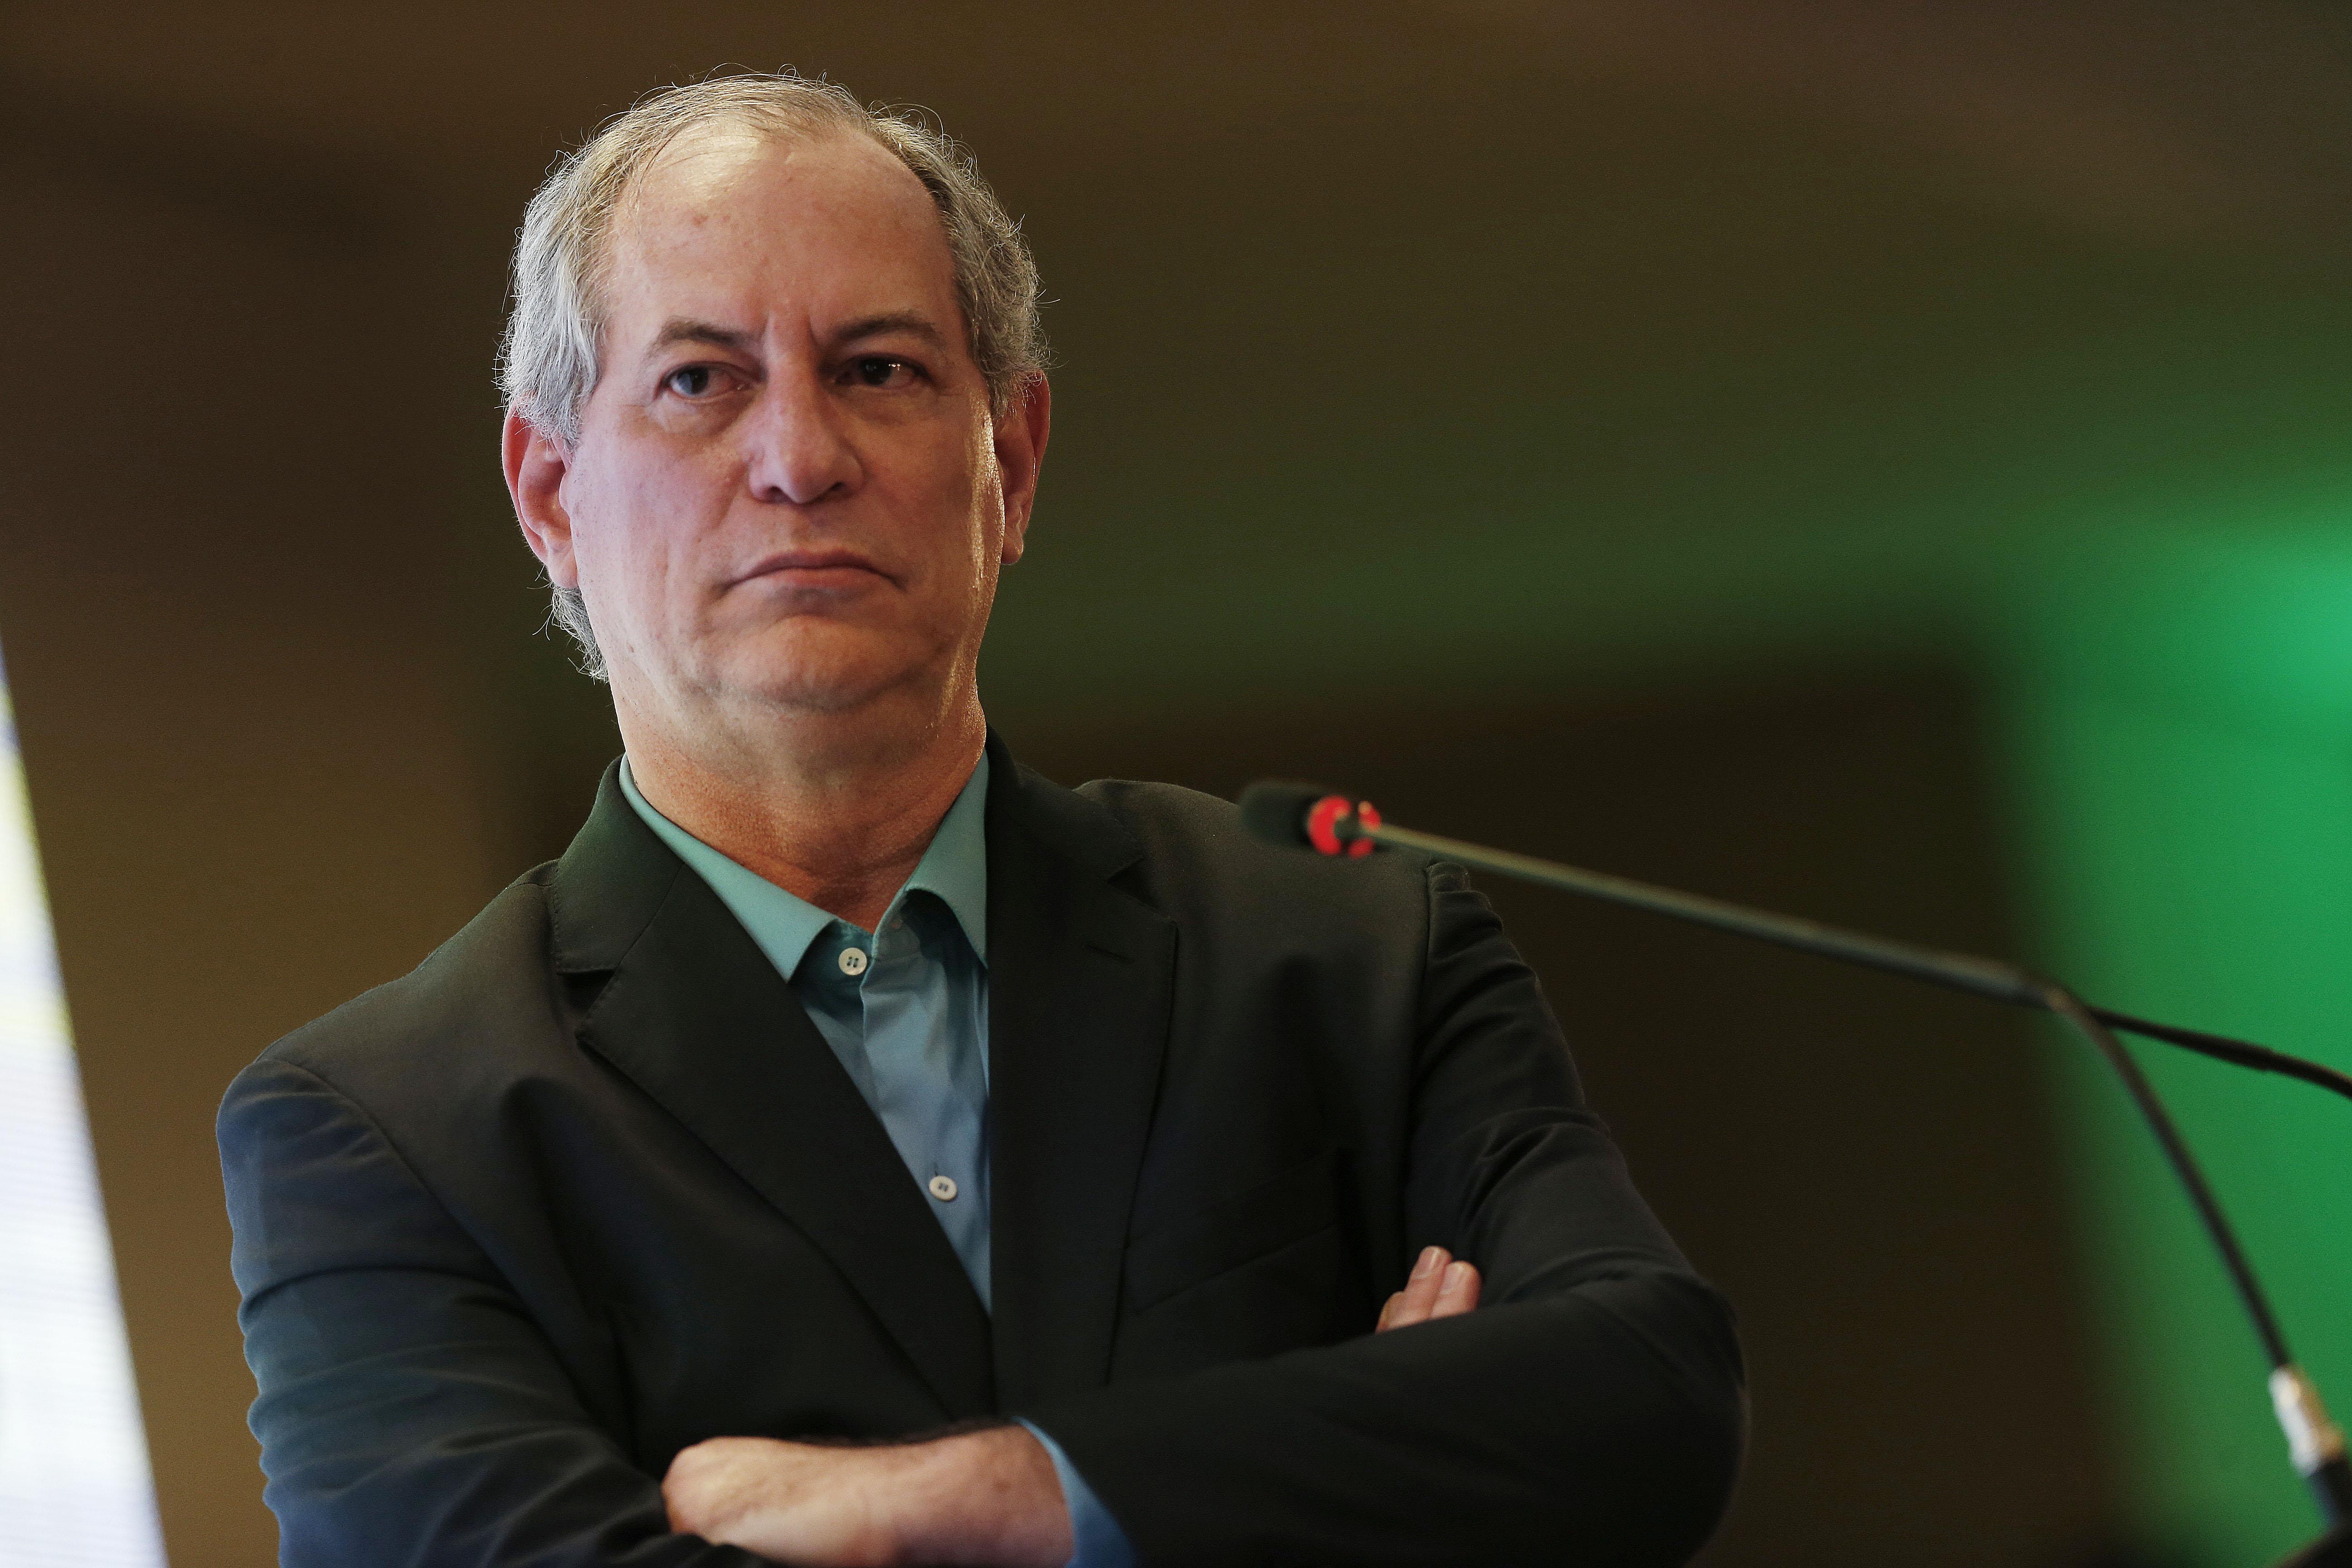 IMAGEM: Confederação Israelita vai processar Ciro Gomes